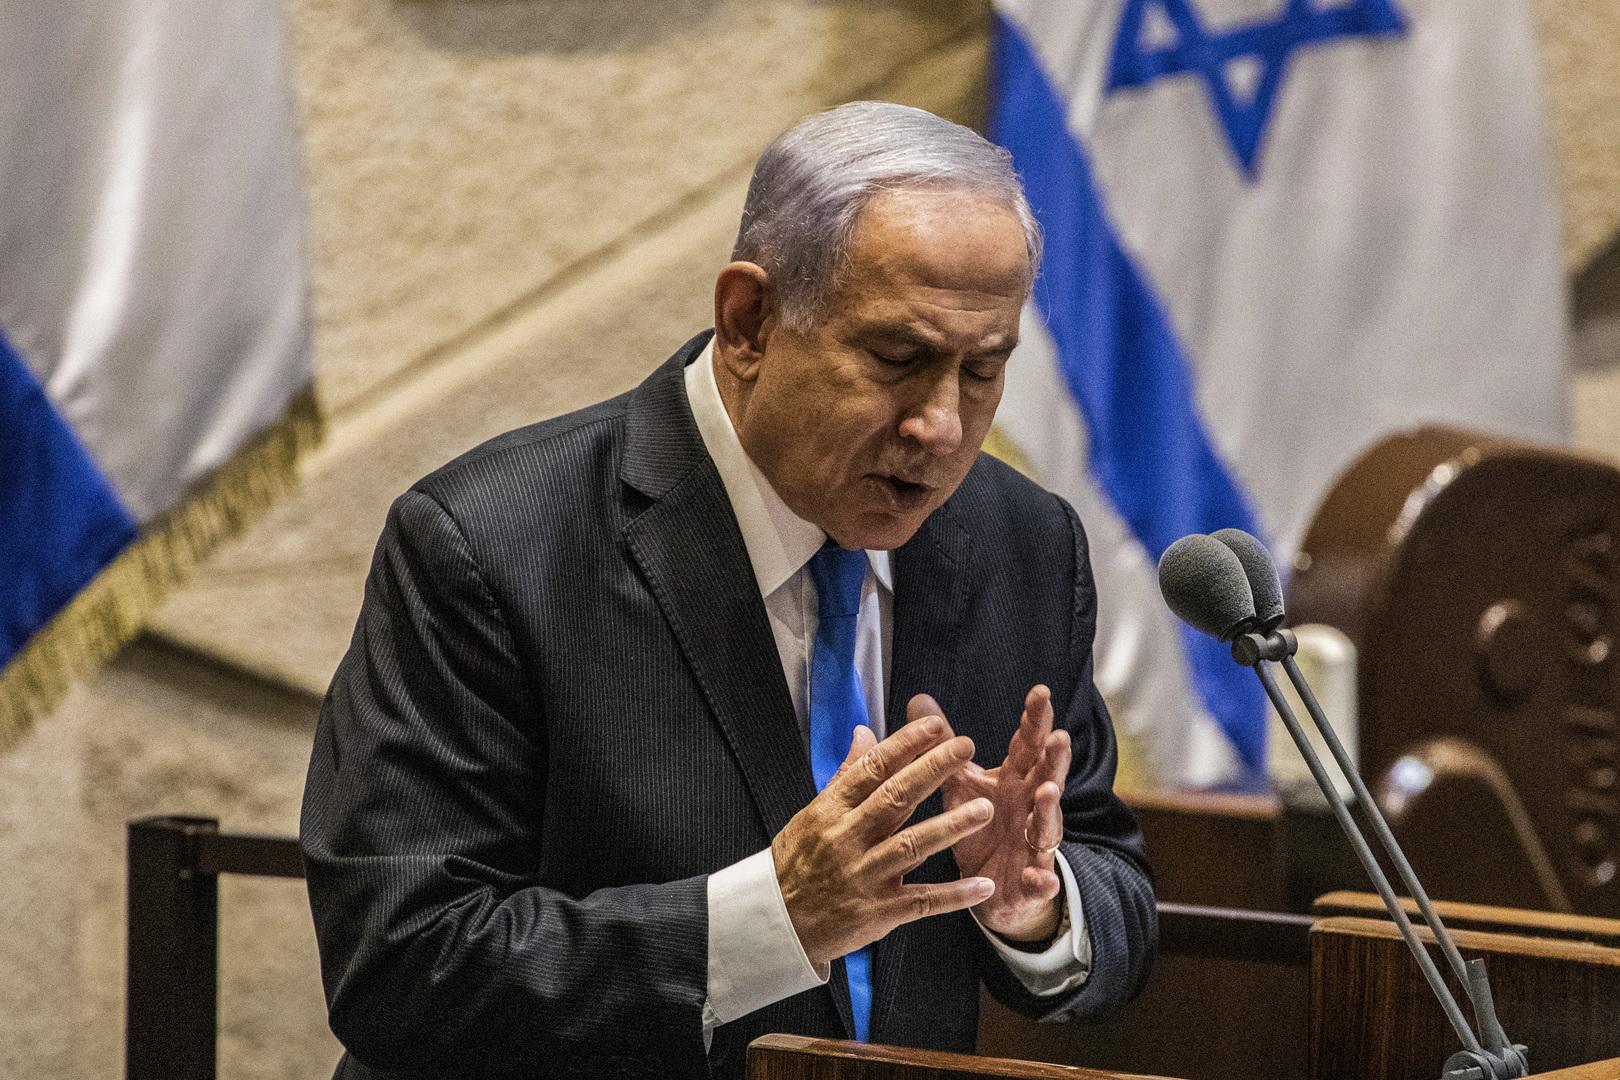 نتنياهو ردا على كلام غانتس عن الاتفاق النووي: حكومة بينيت كارثة كبرى لأمن إسرائيل